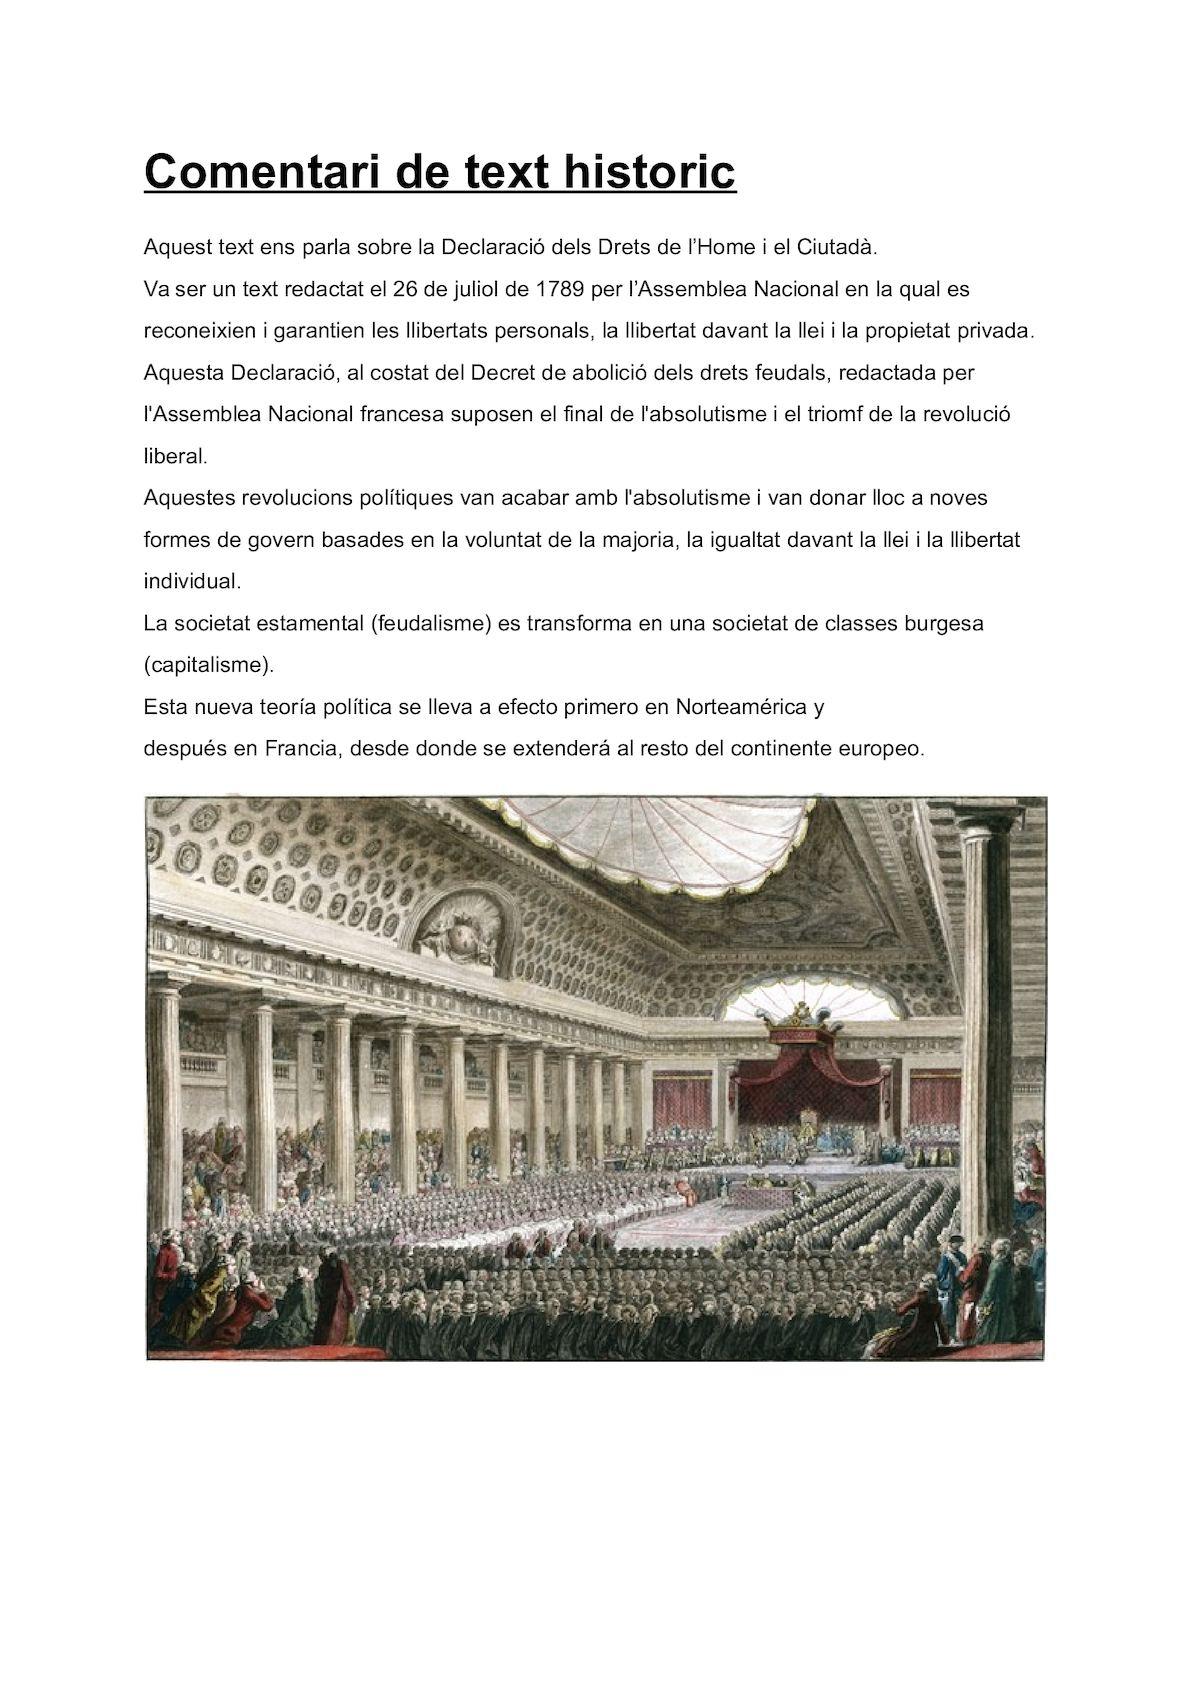 Comentari de text historic (1)